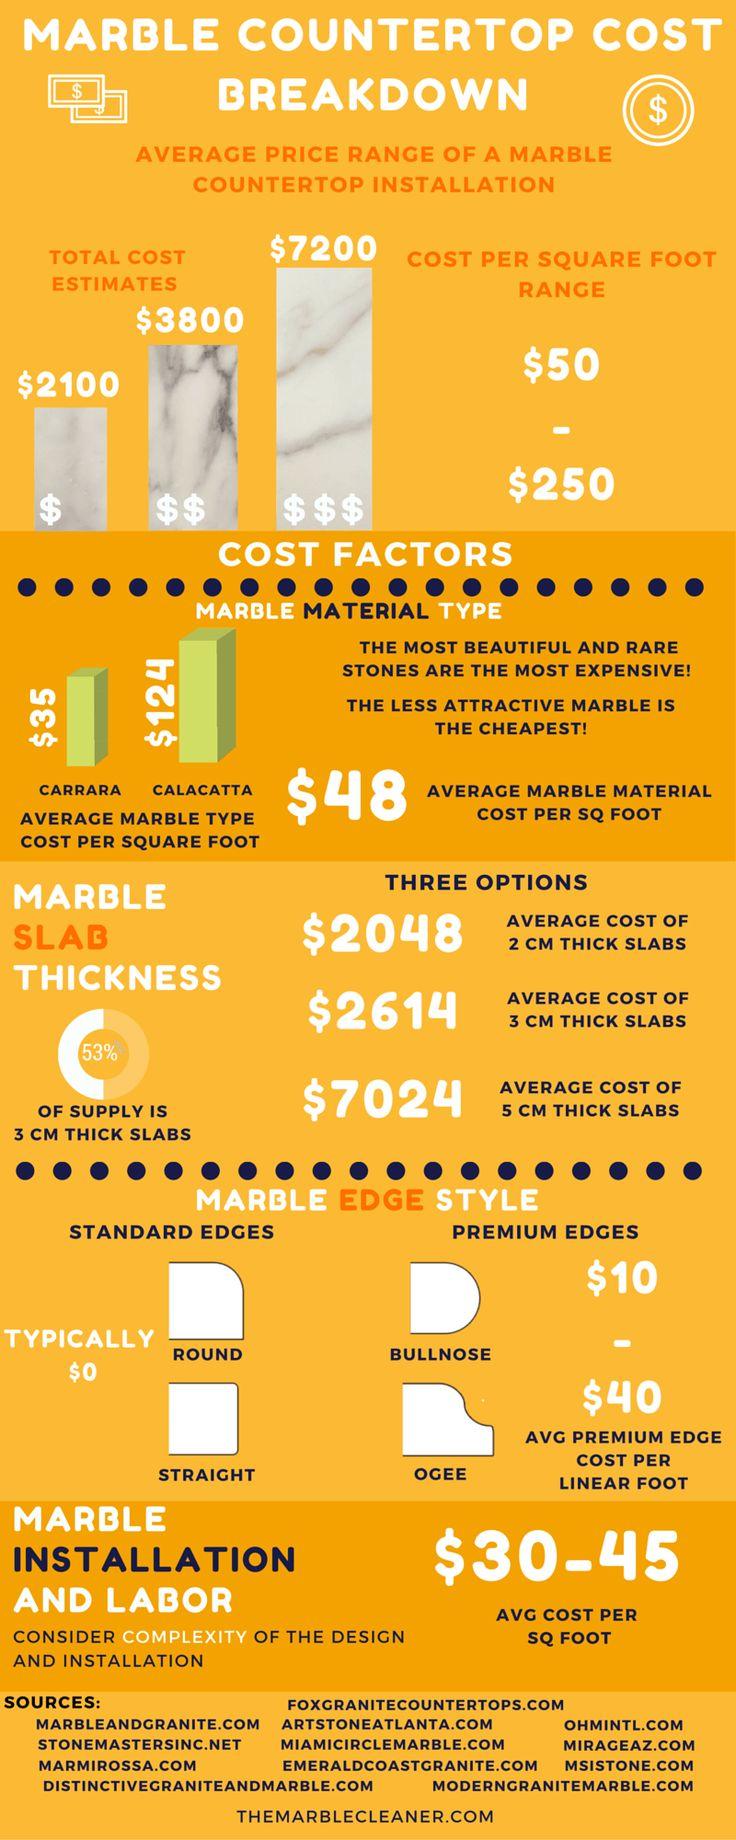 marble countertop cost breakdown